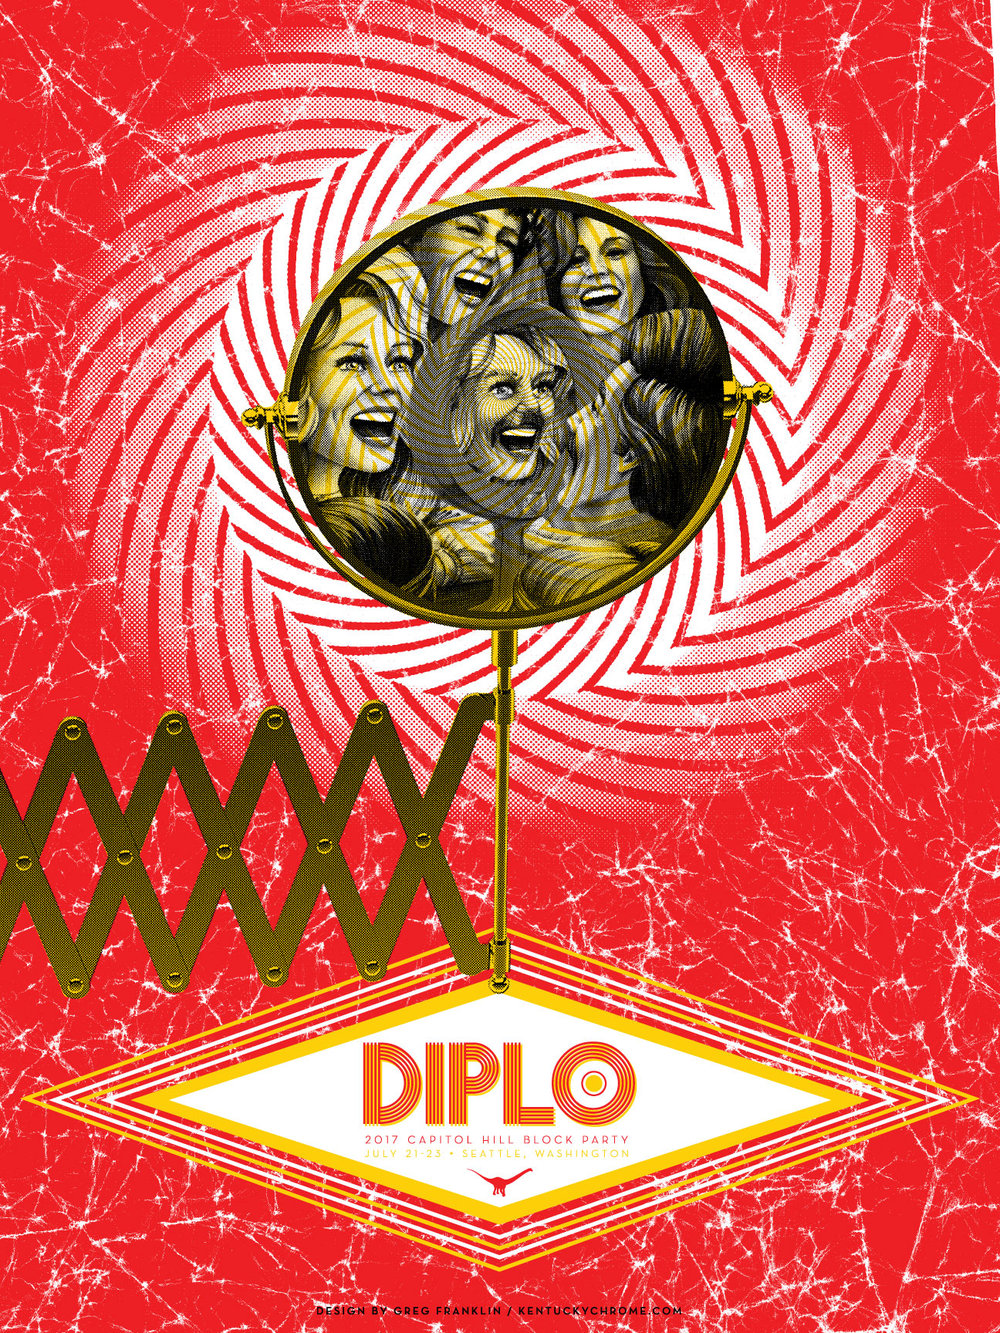 DIPLO_final_OL.jpg